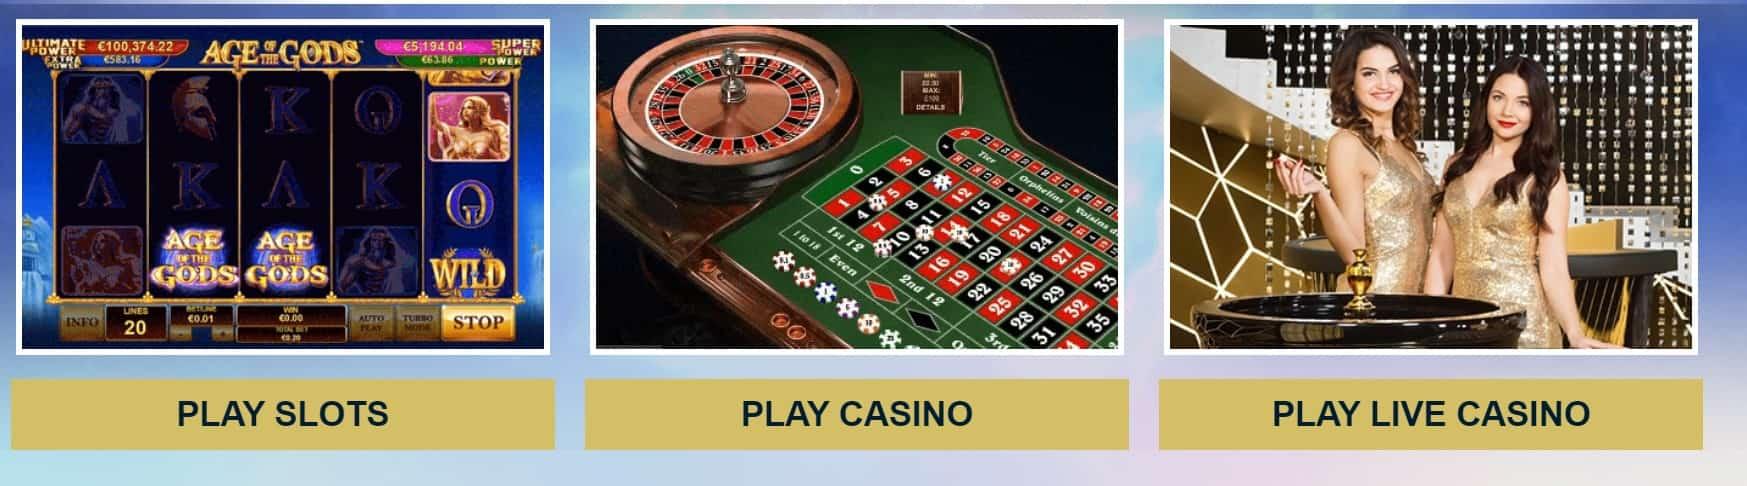 poker spiel hannover